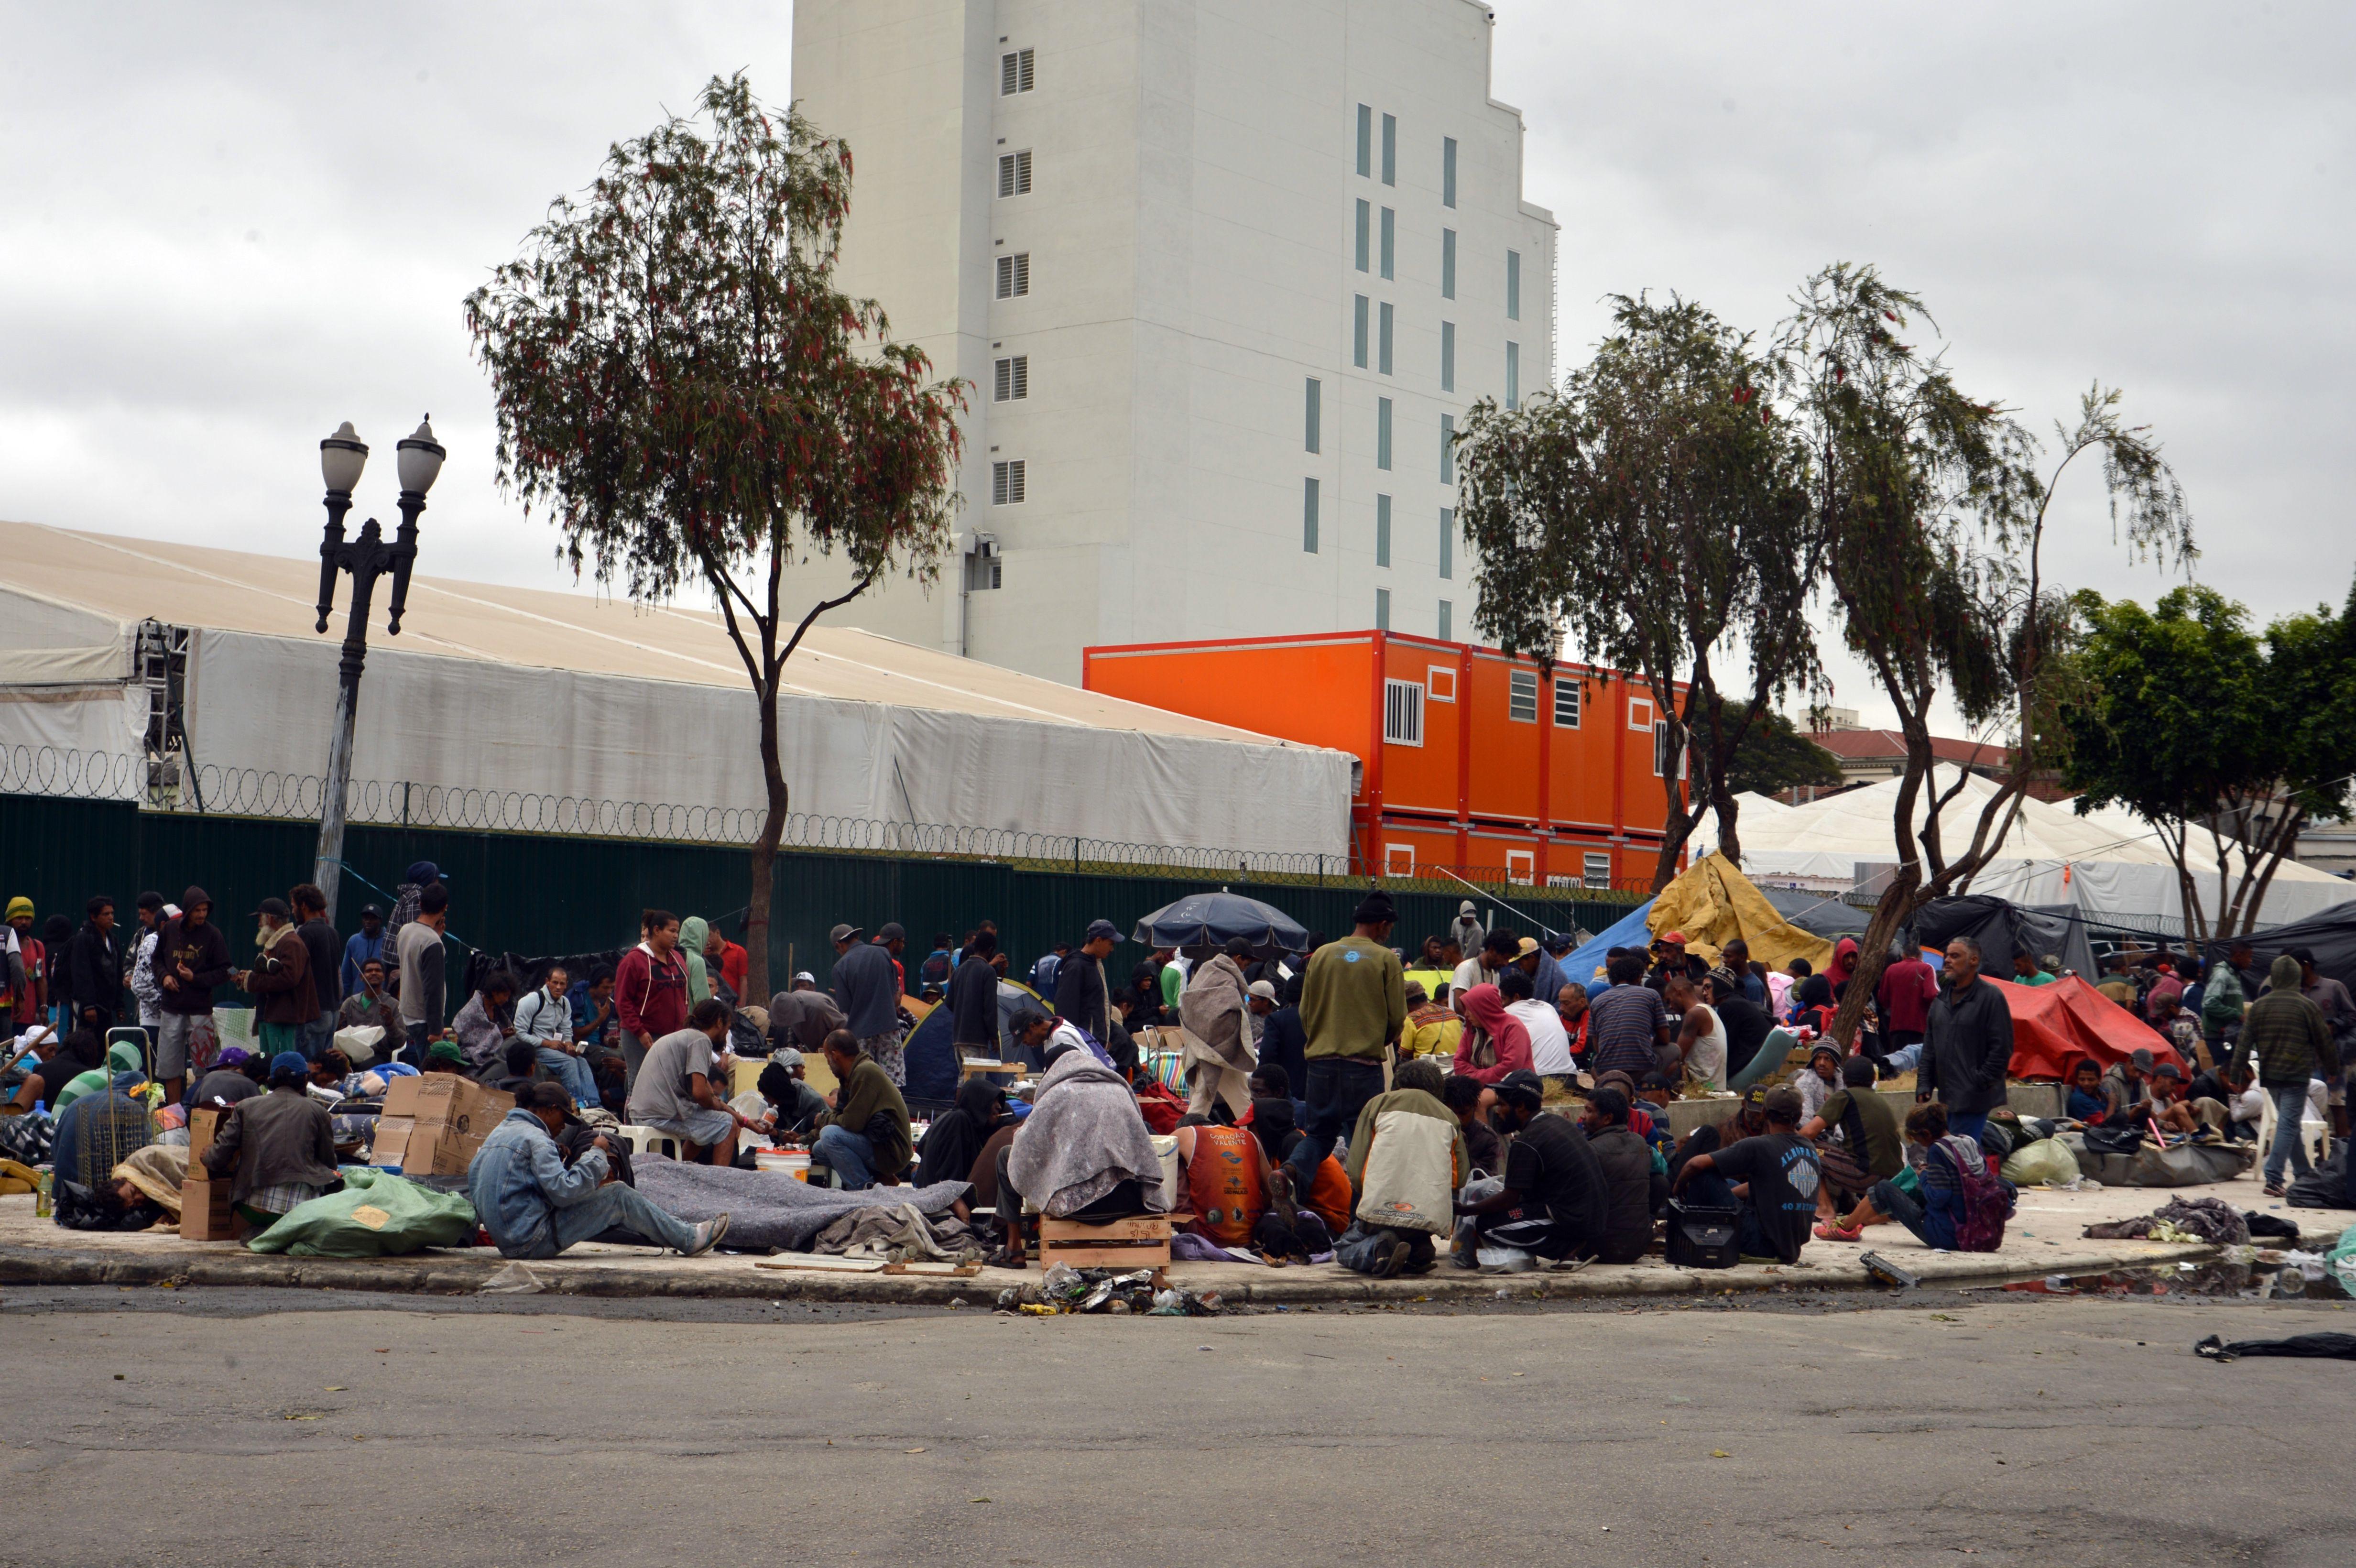 Segurança - drogas - cracolância viciados entorpecentes dependentes químicos São Paulo assistência social população de rua